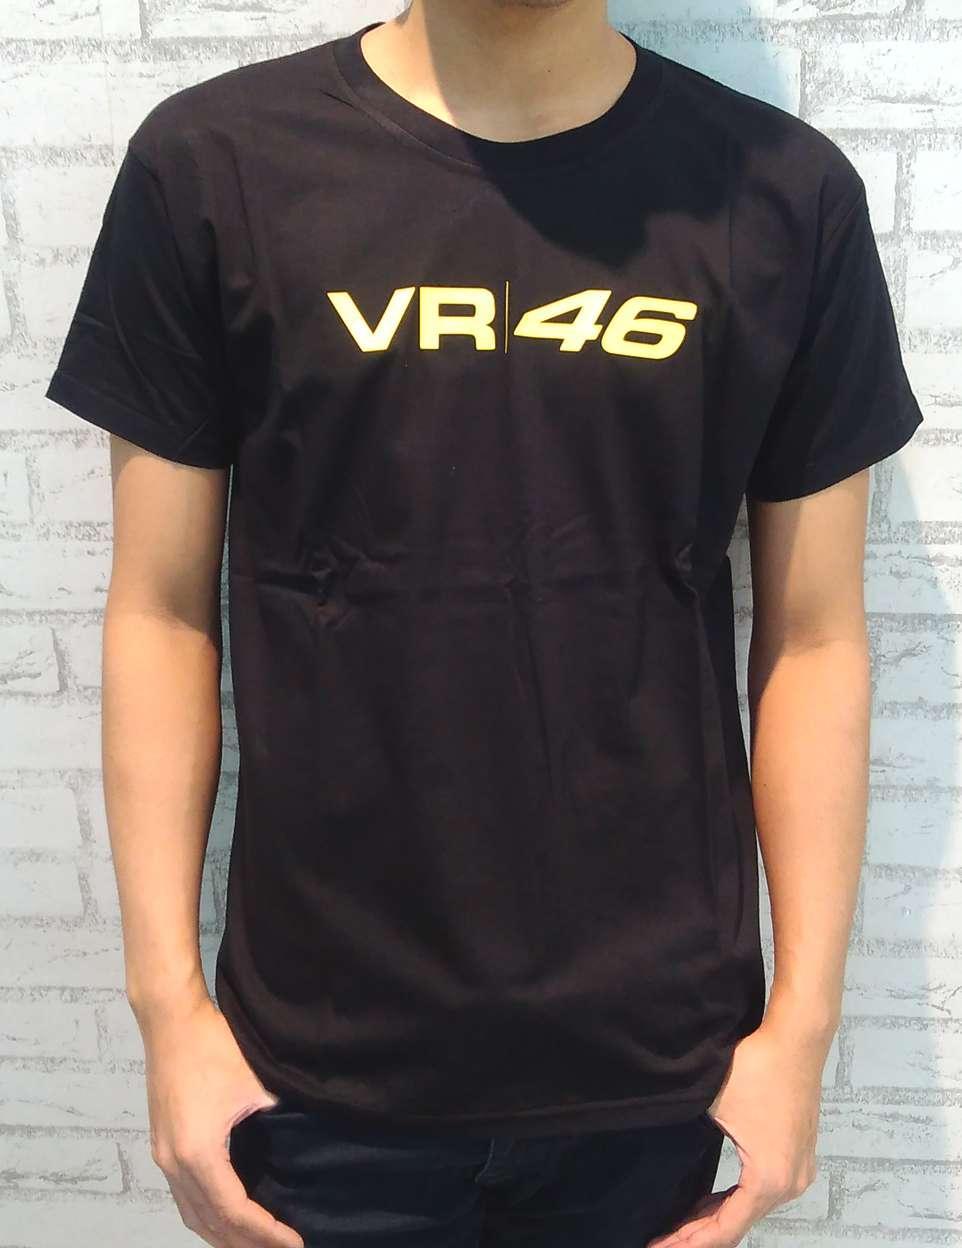 Kaos Rare - Distro VR 46 - Super T - All size